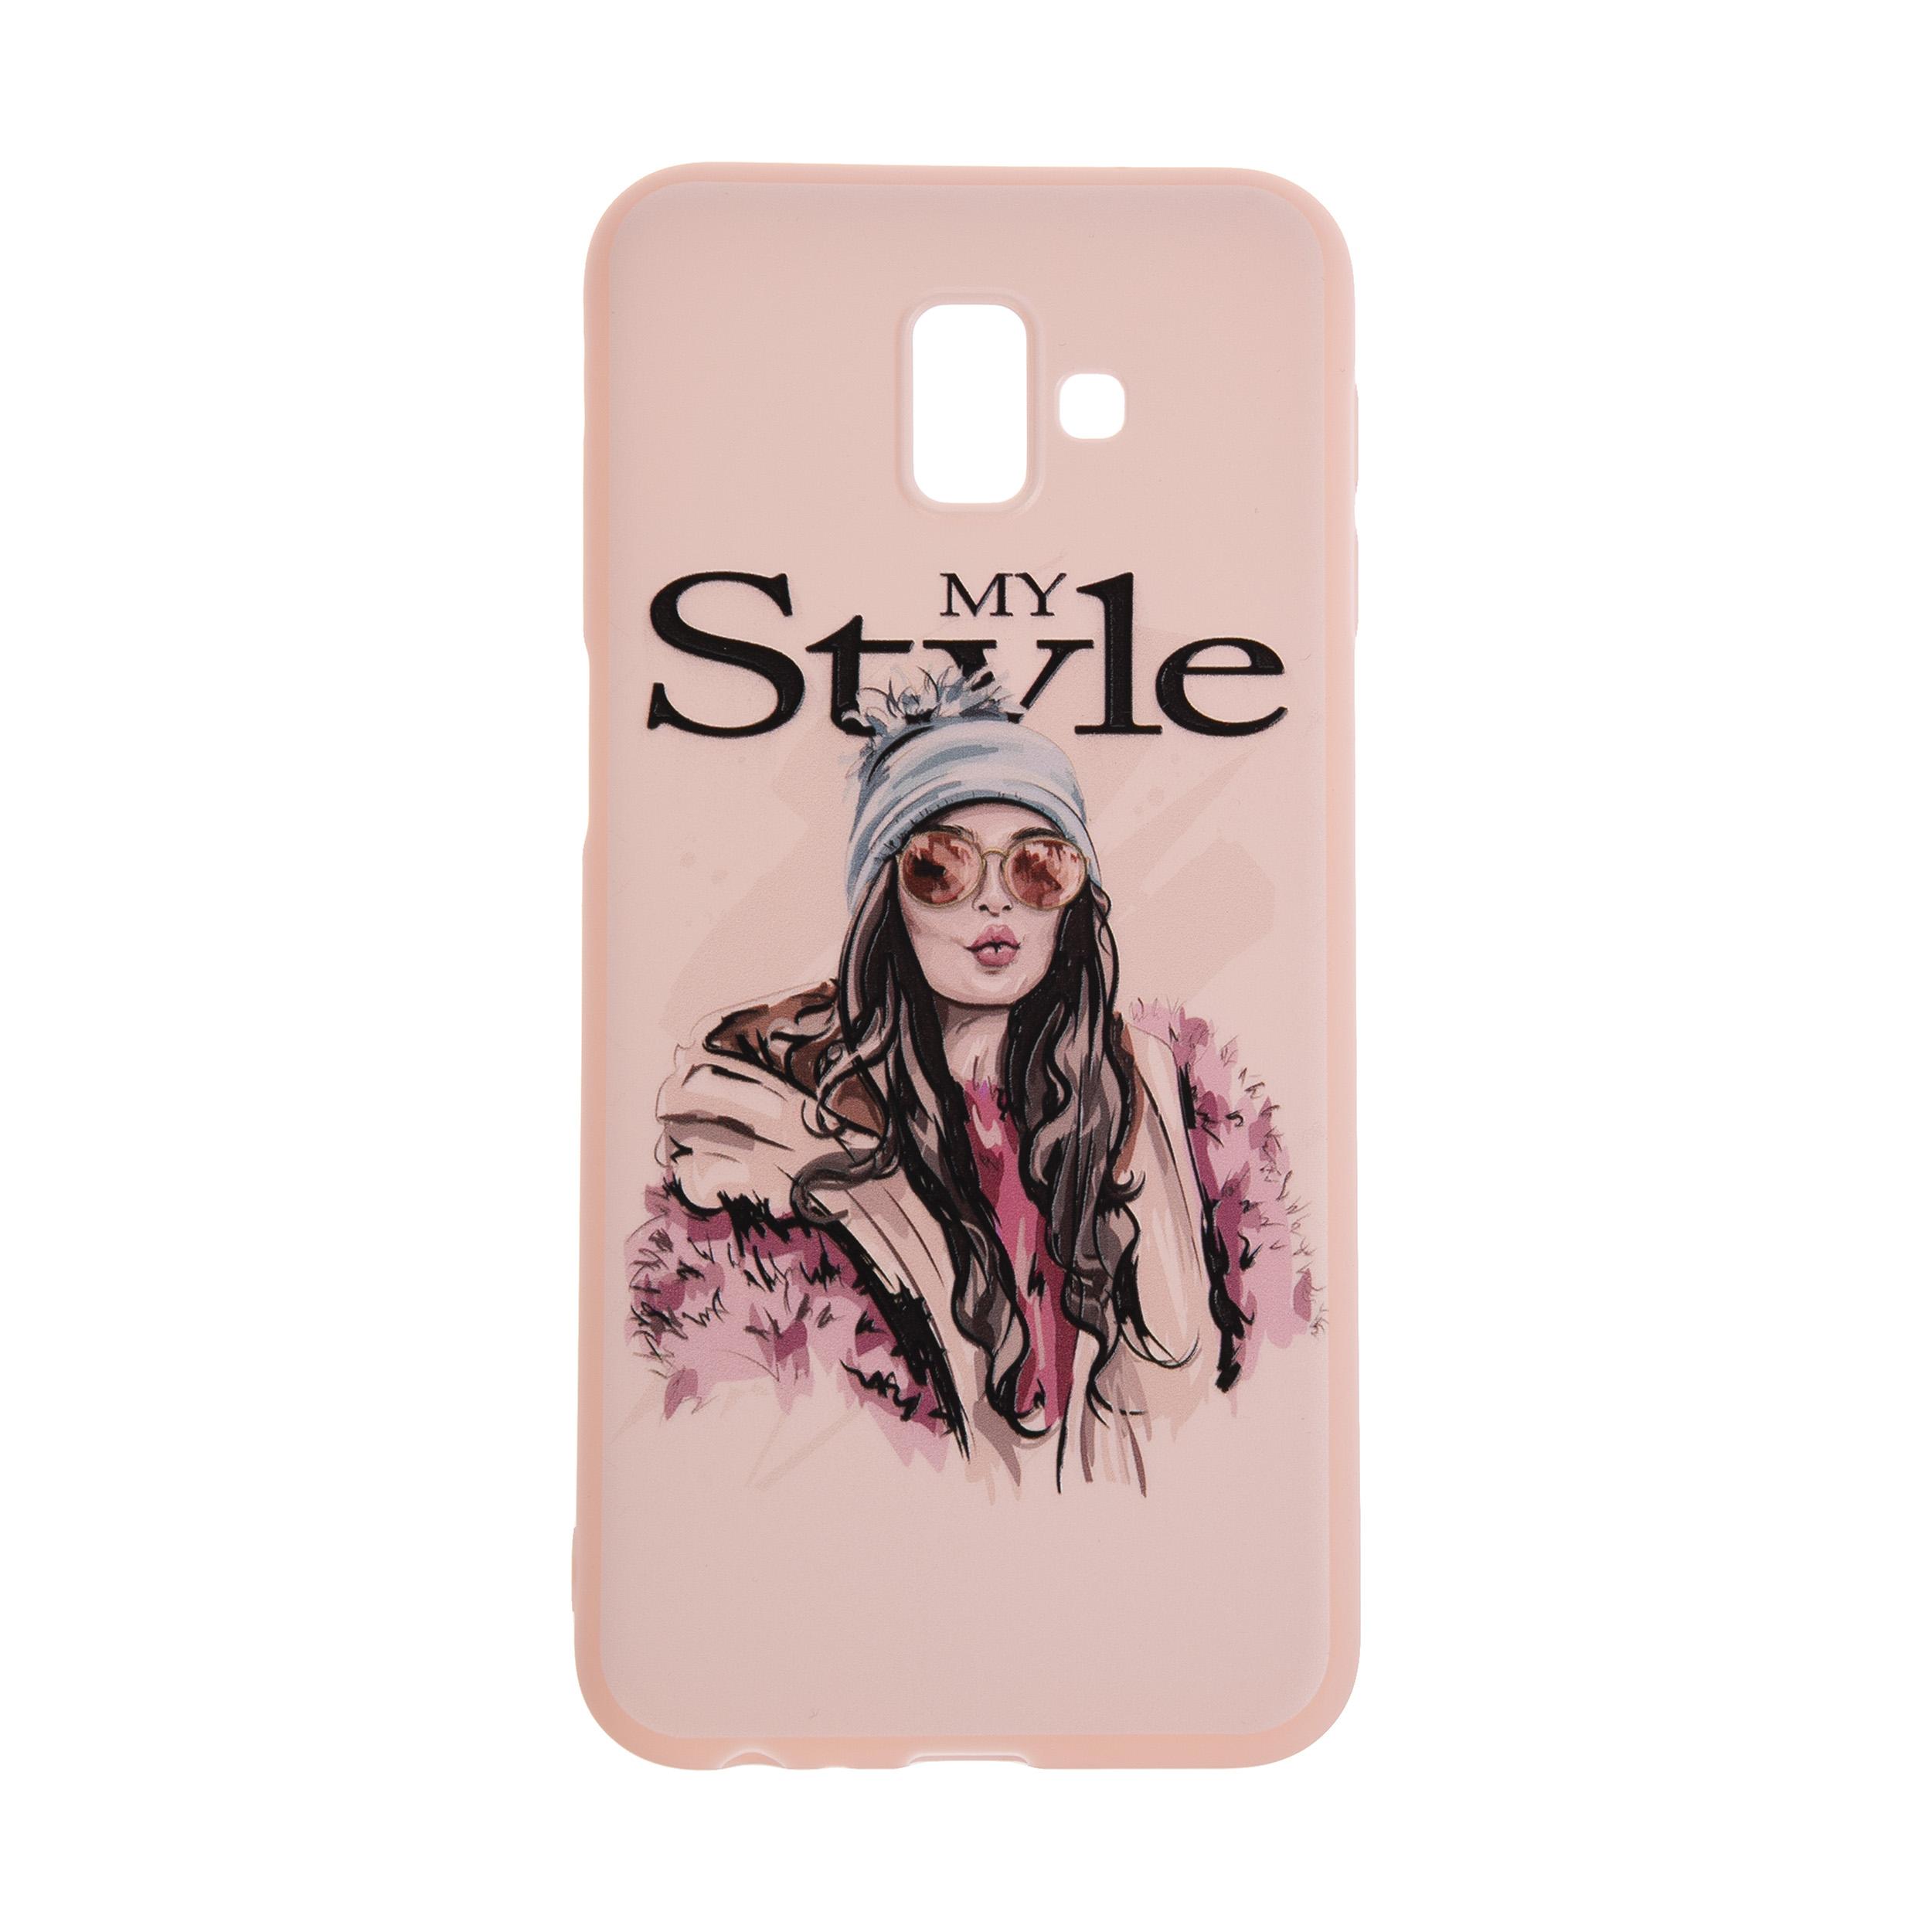 کاور مدل TNG طرح Violet My Style مناسب برای گوشی موبایل سامسونگ Galaxy J6 Plus